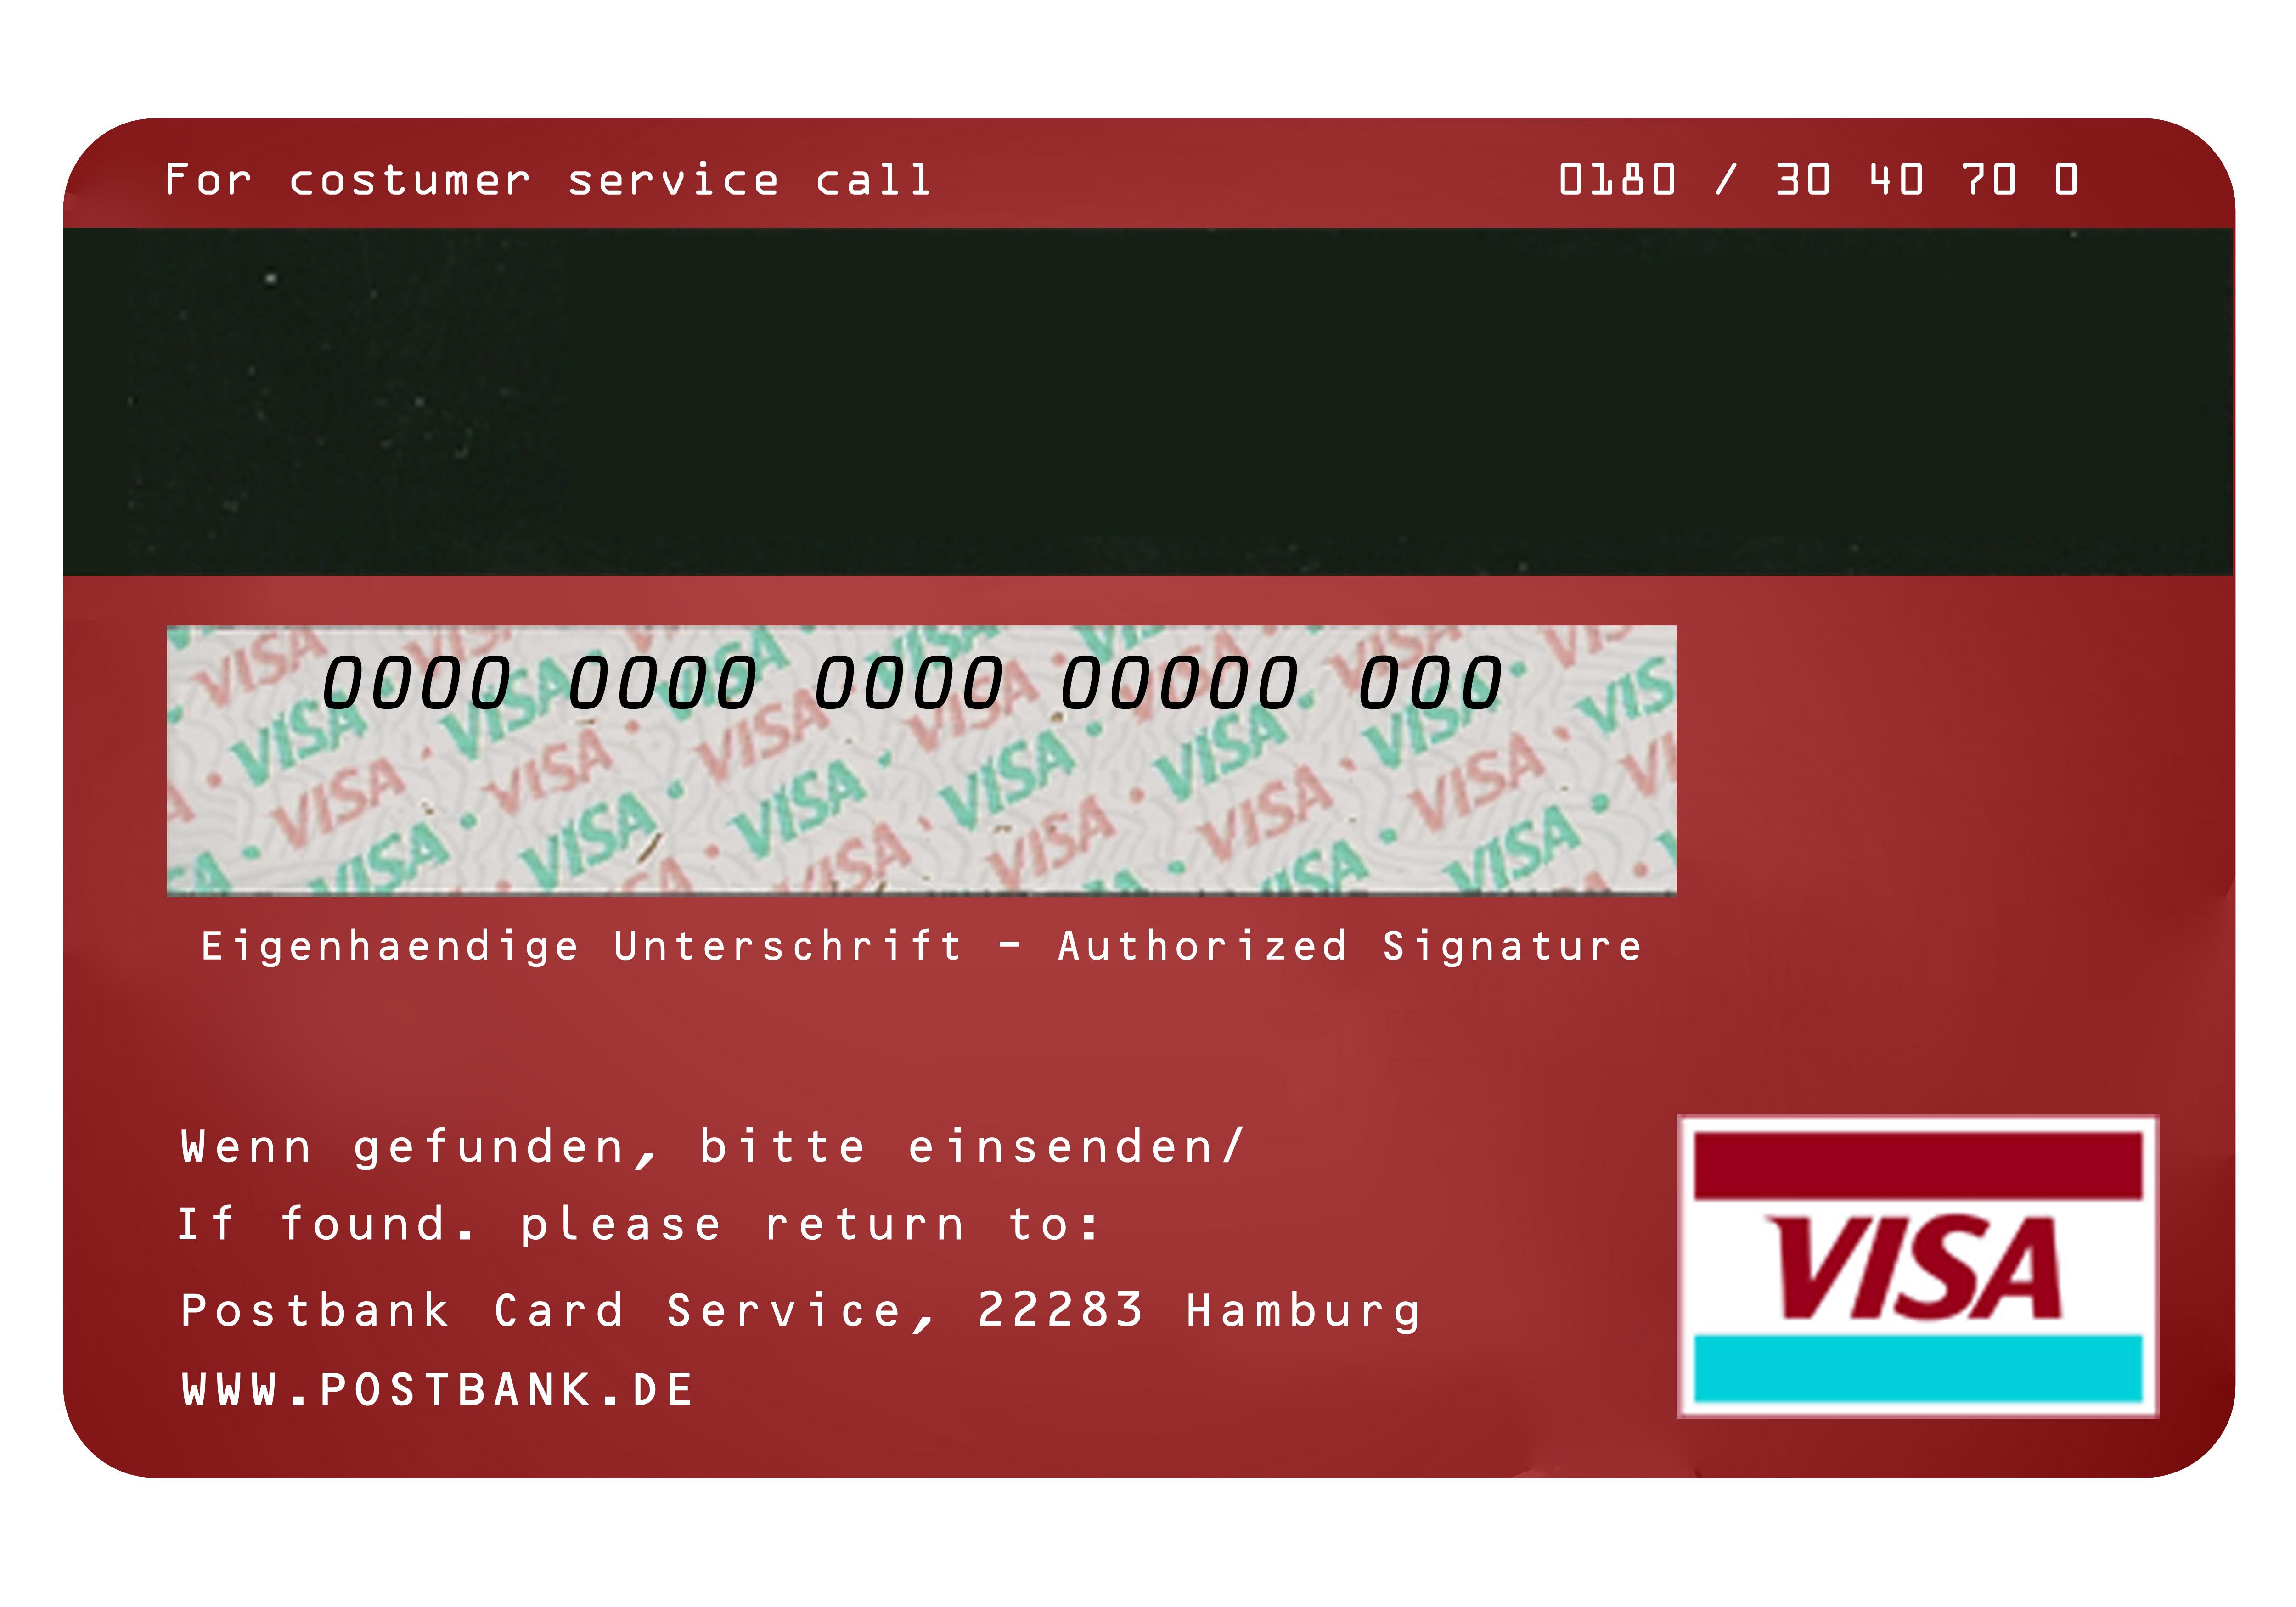 Servicio De Informacion Y Conocer De Visas De Csc Sexo Dinero Lugo-56649